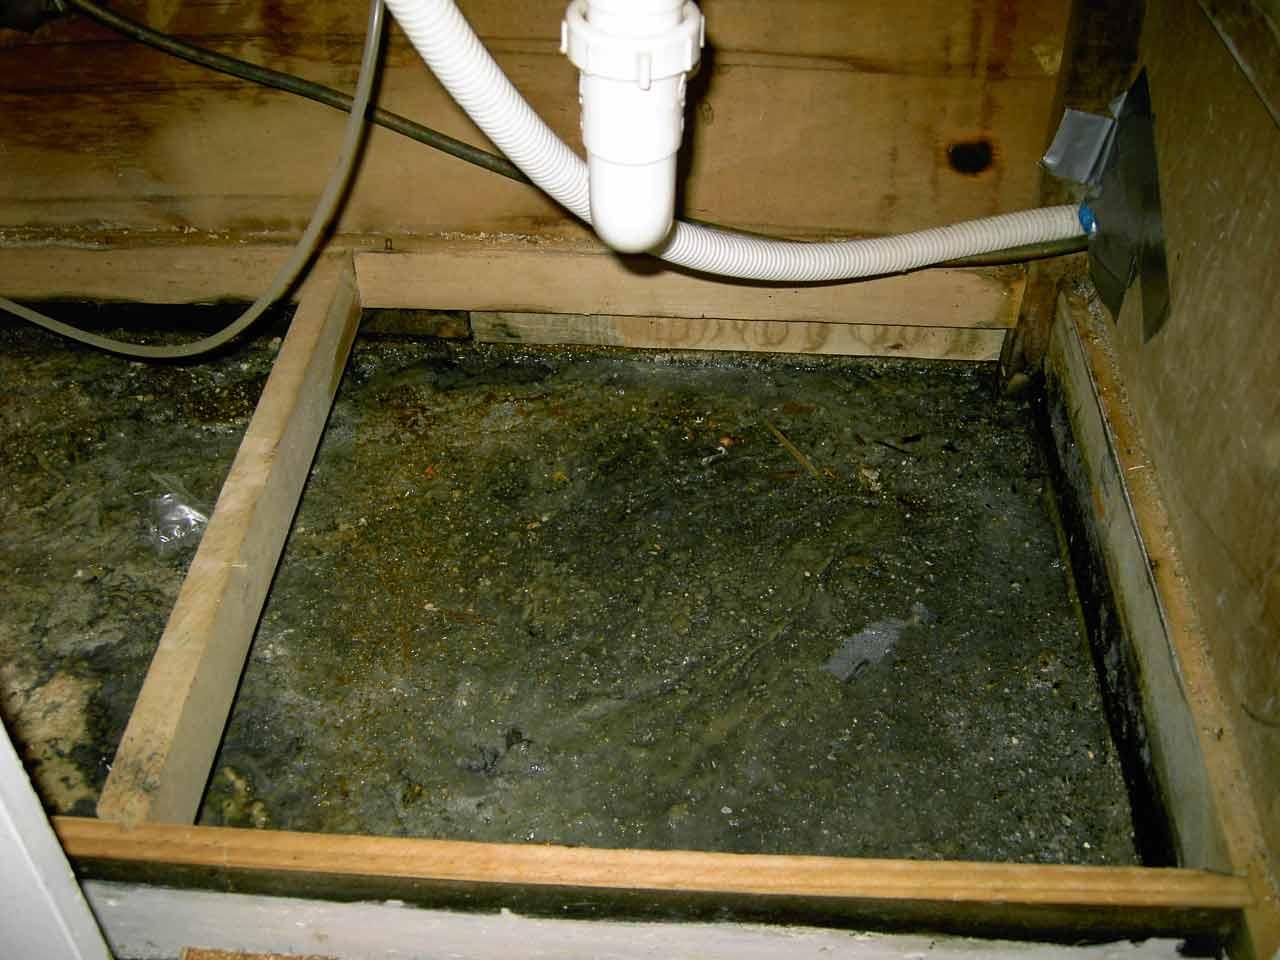 Mold under sink?-1.jpg